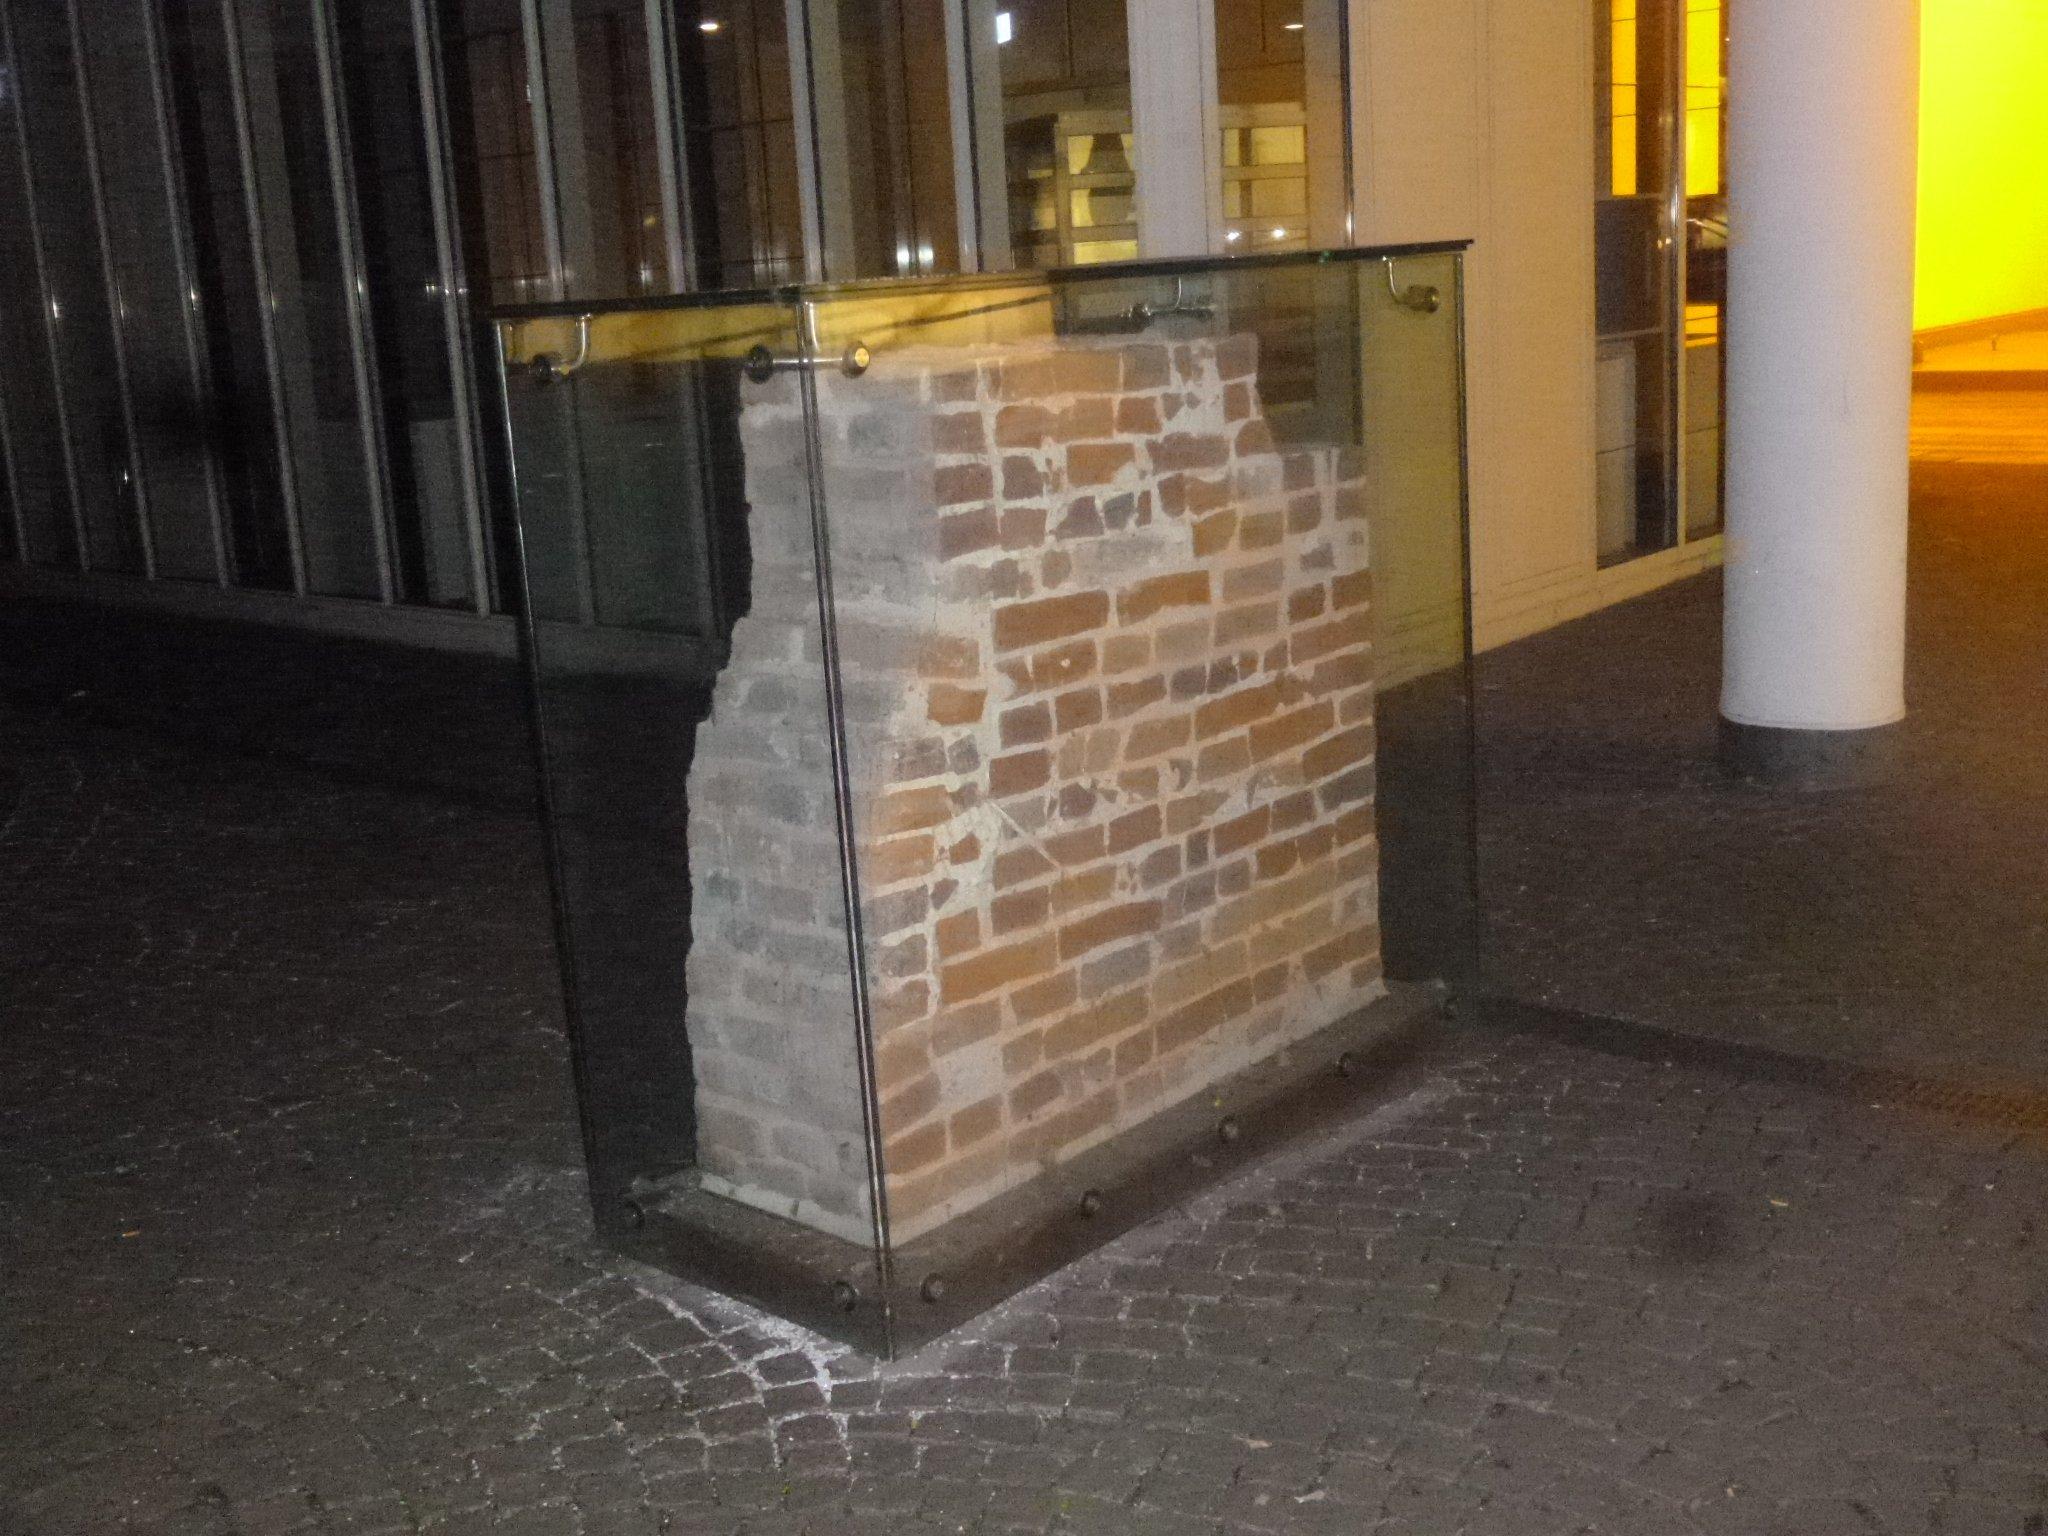 Mauerwerk hinter Glas